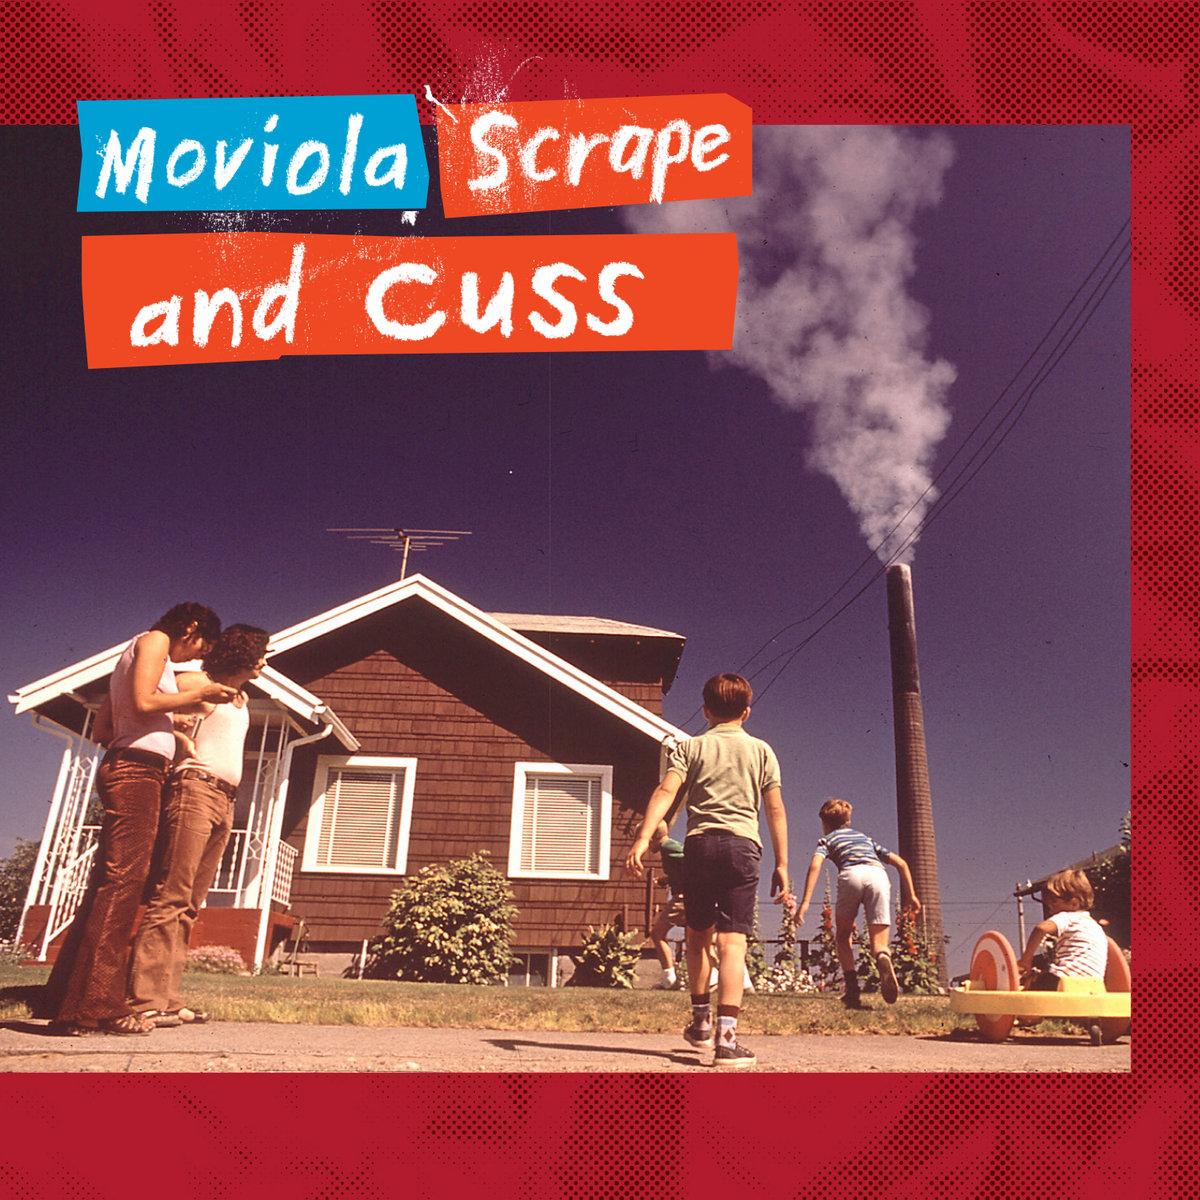 Scrape and Cuss